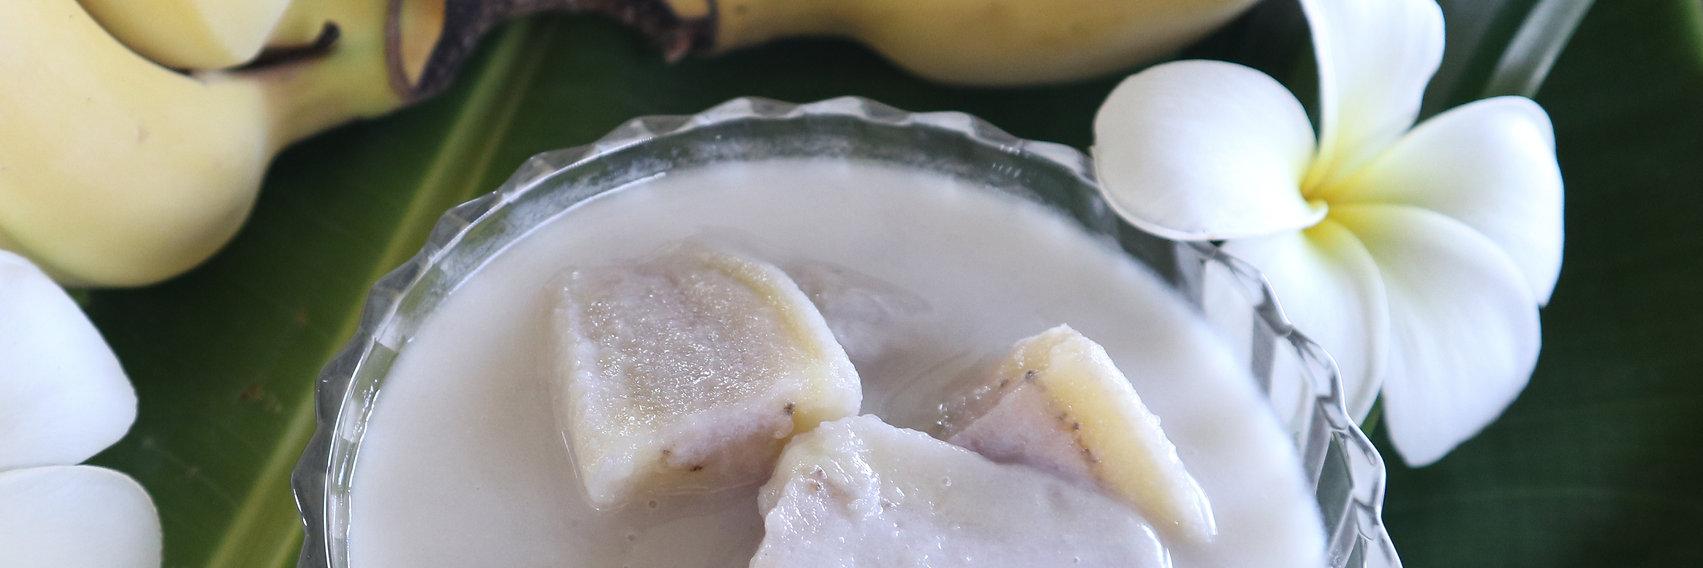 bananas in coconut milk Bees Garden Cooking School Chiang mai